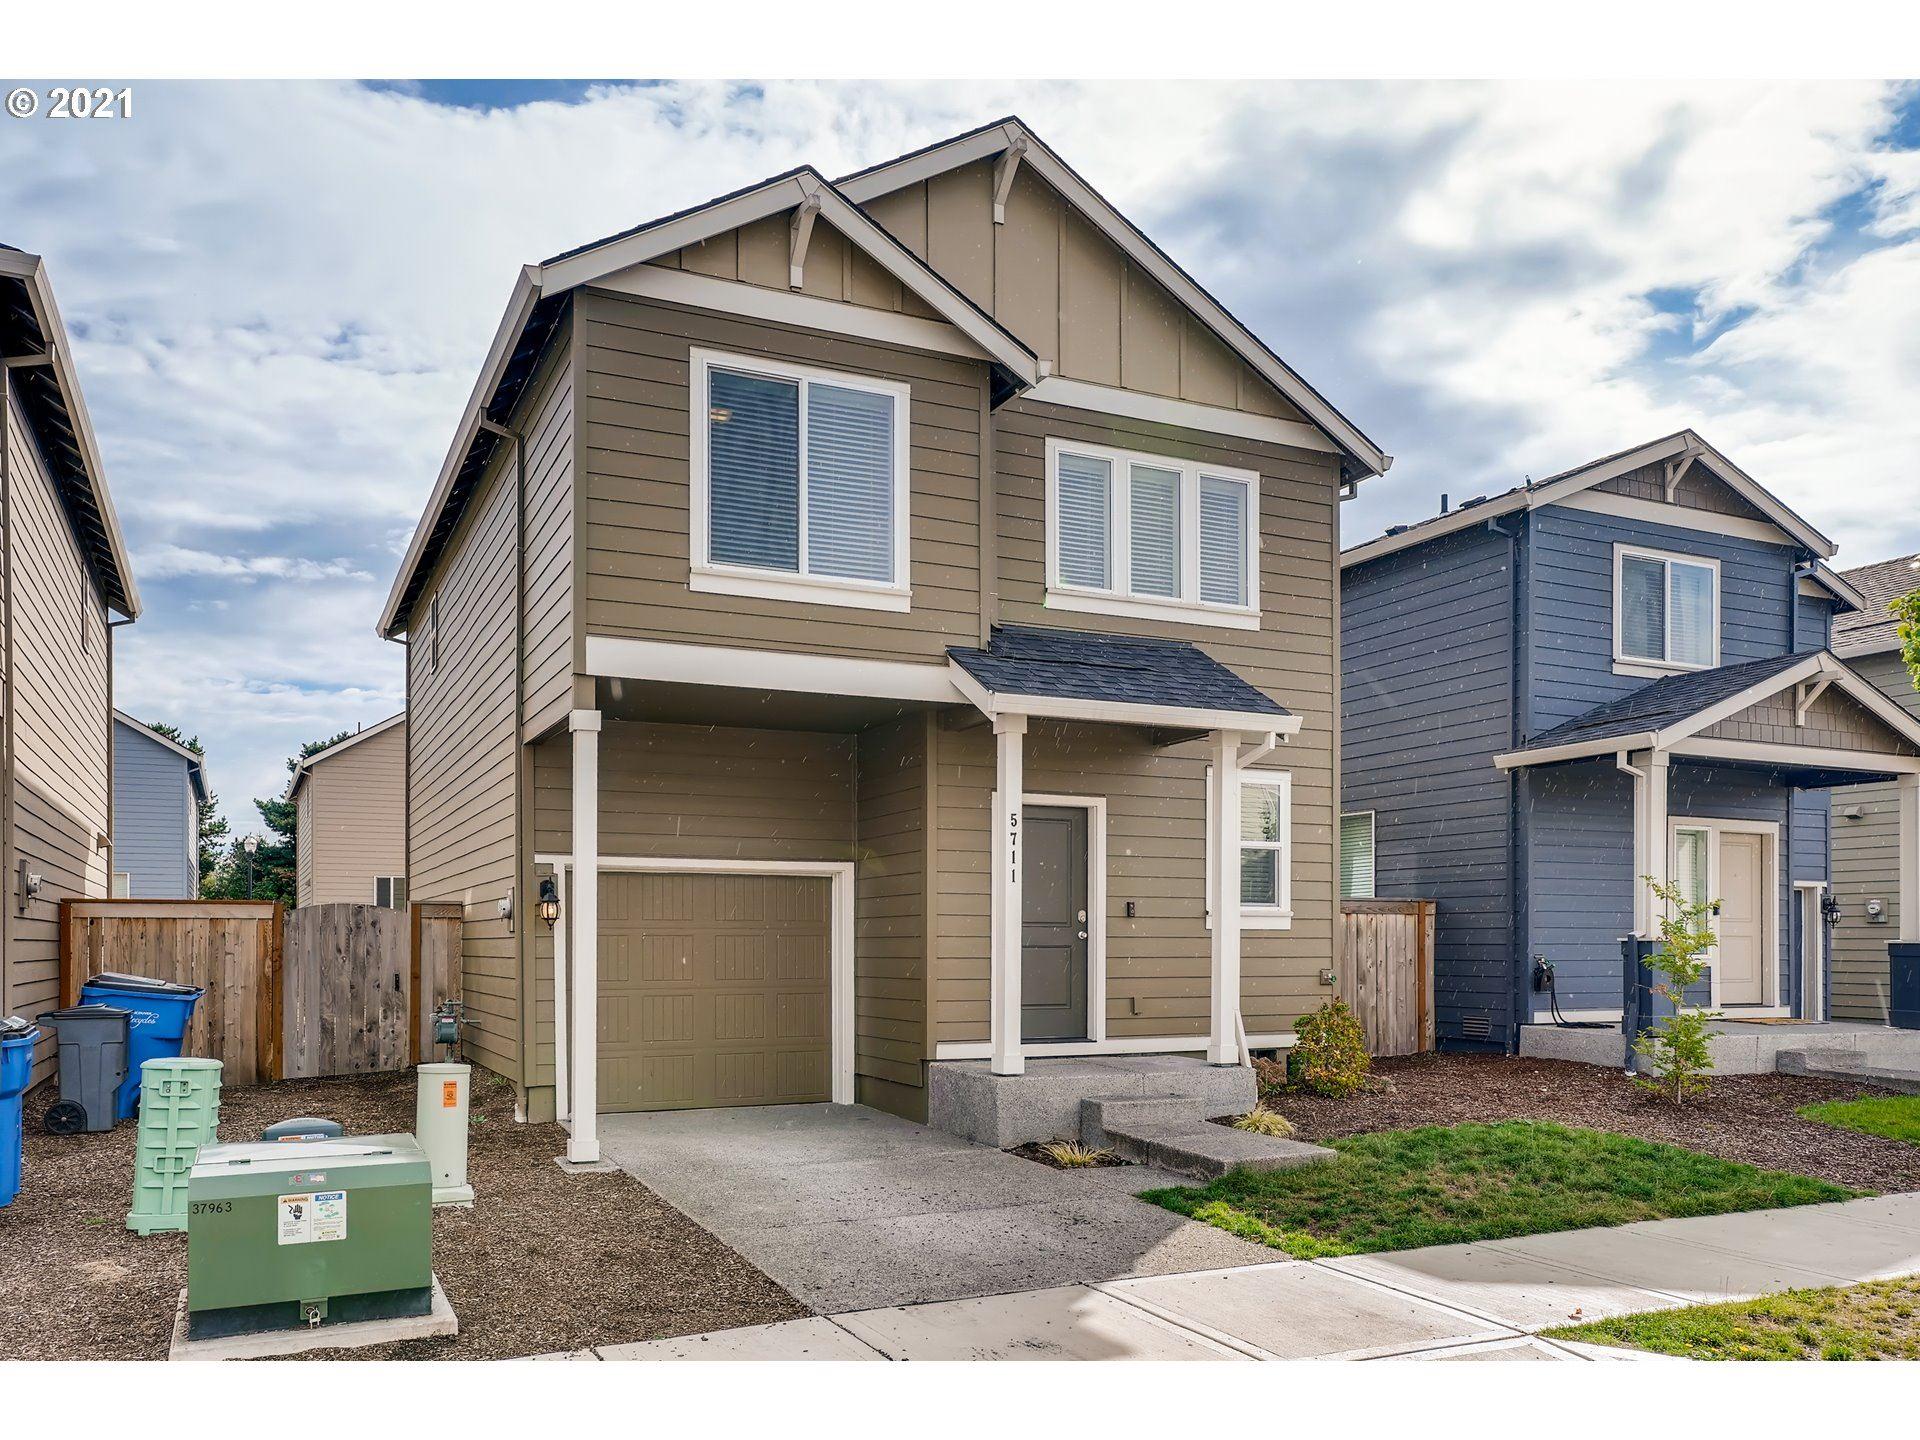 5711 NE 130TH PL, Vancouver, WA 98682 - MLS#: 21011262